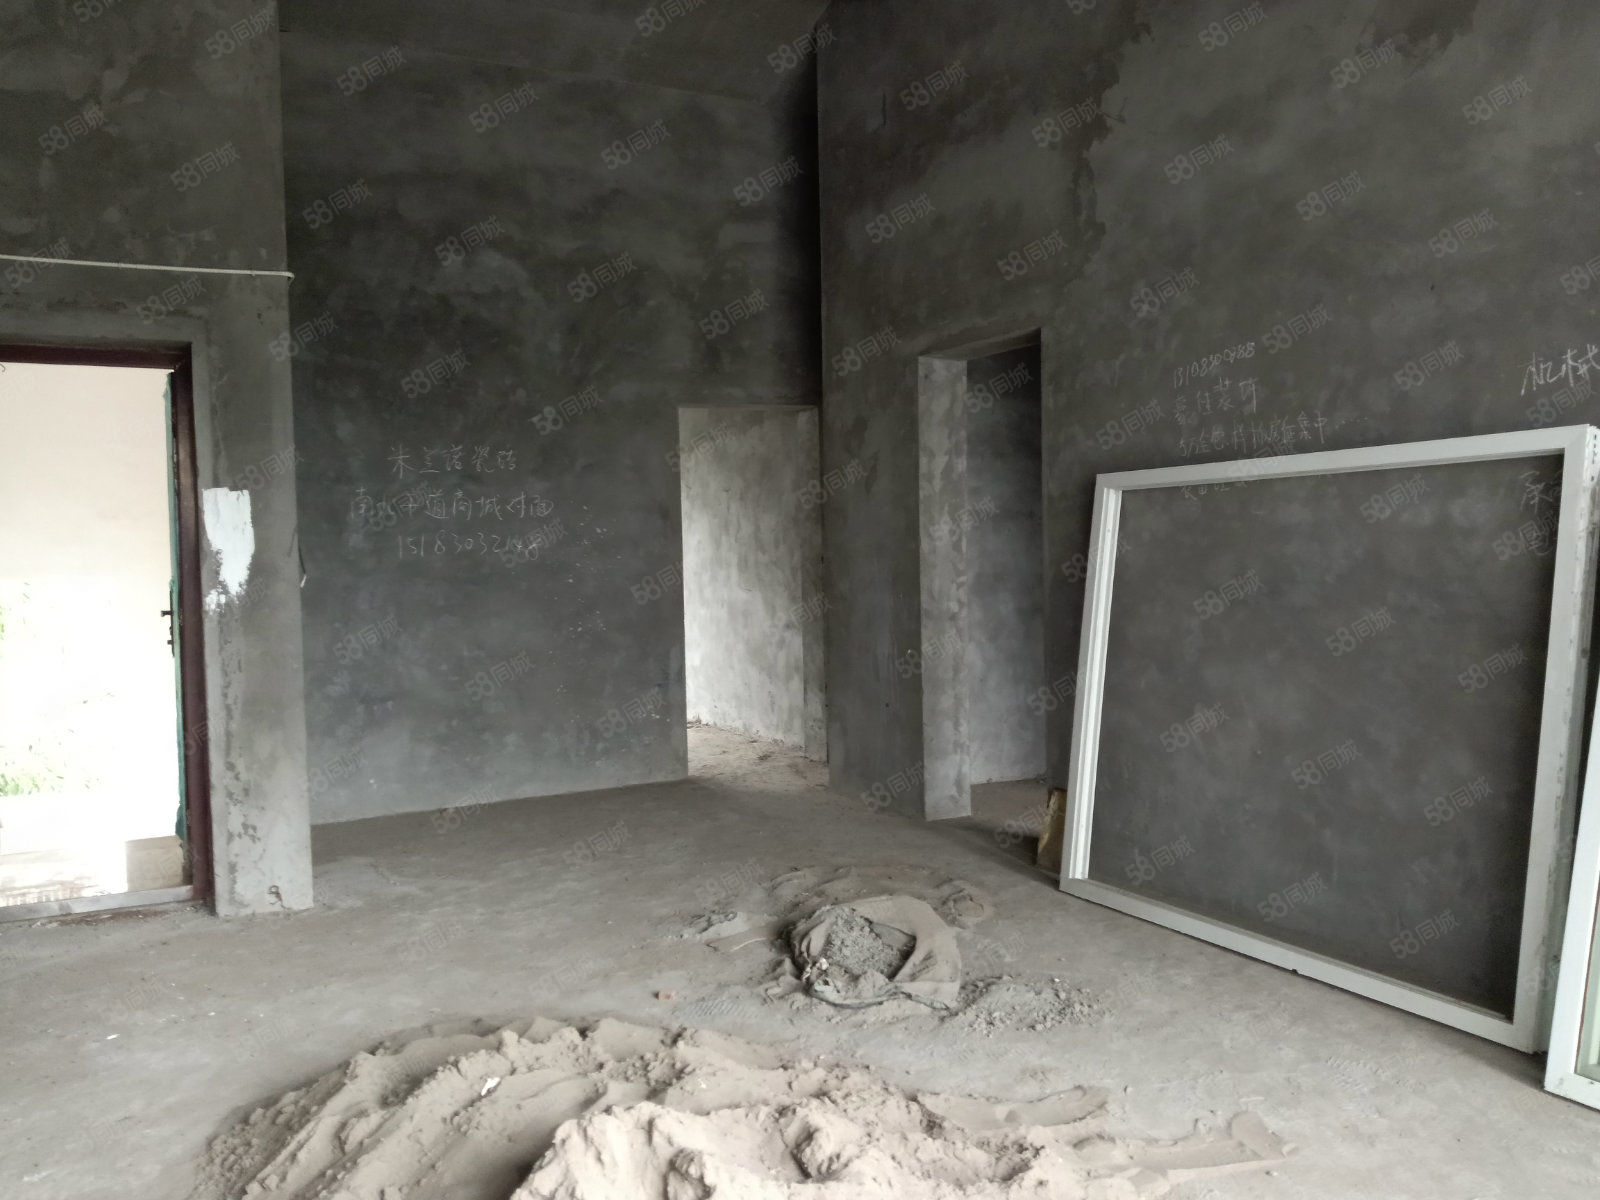 城北九曲河畔原野市场县医院旁边,现浇2室无遮挡,户型周正